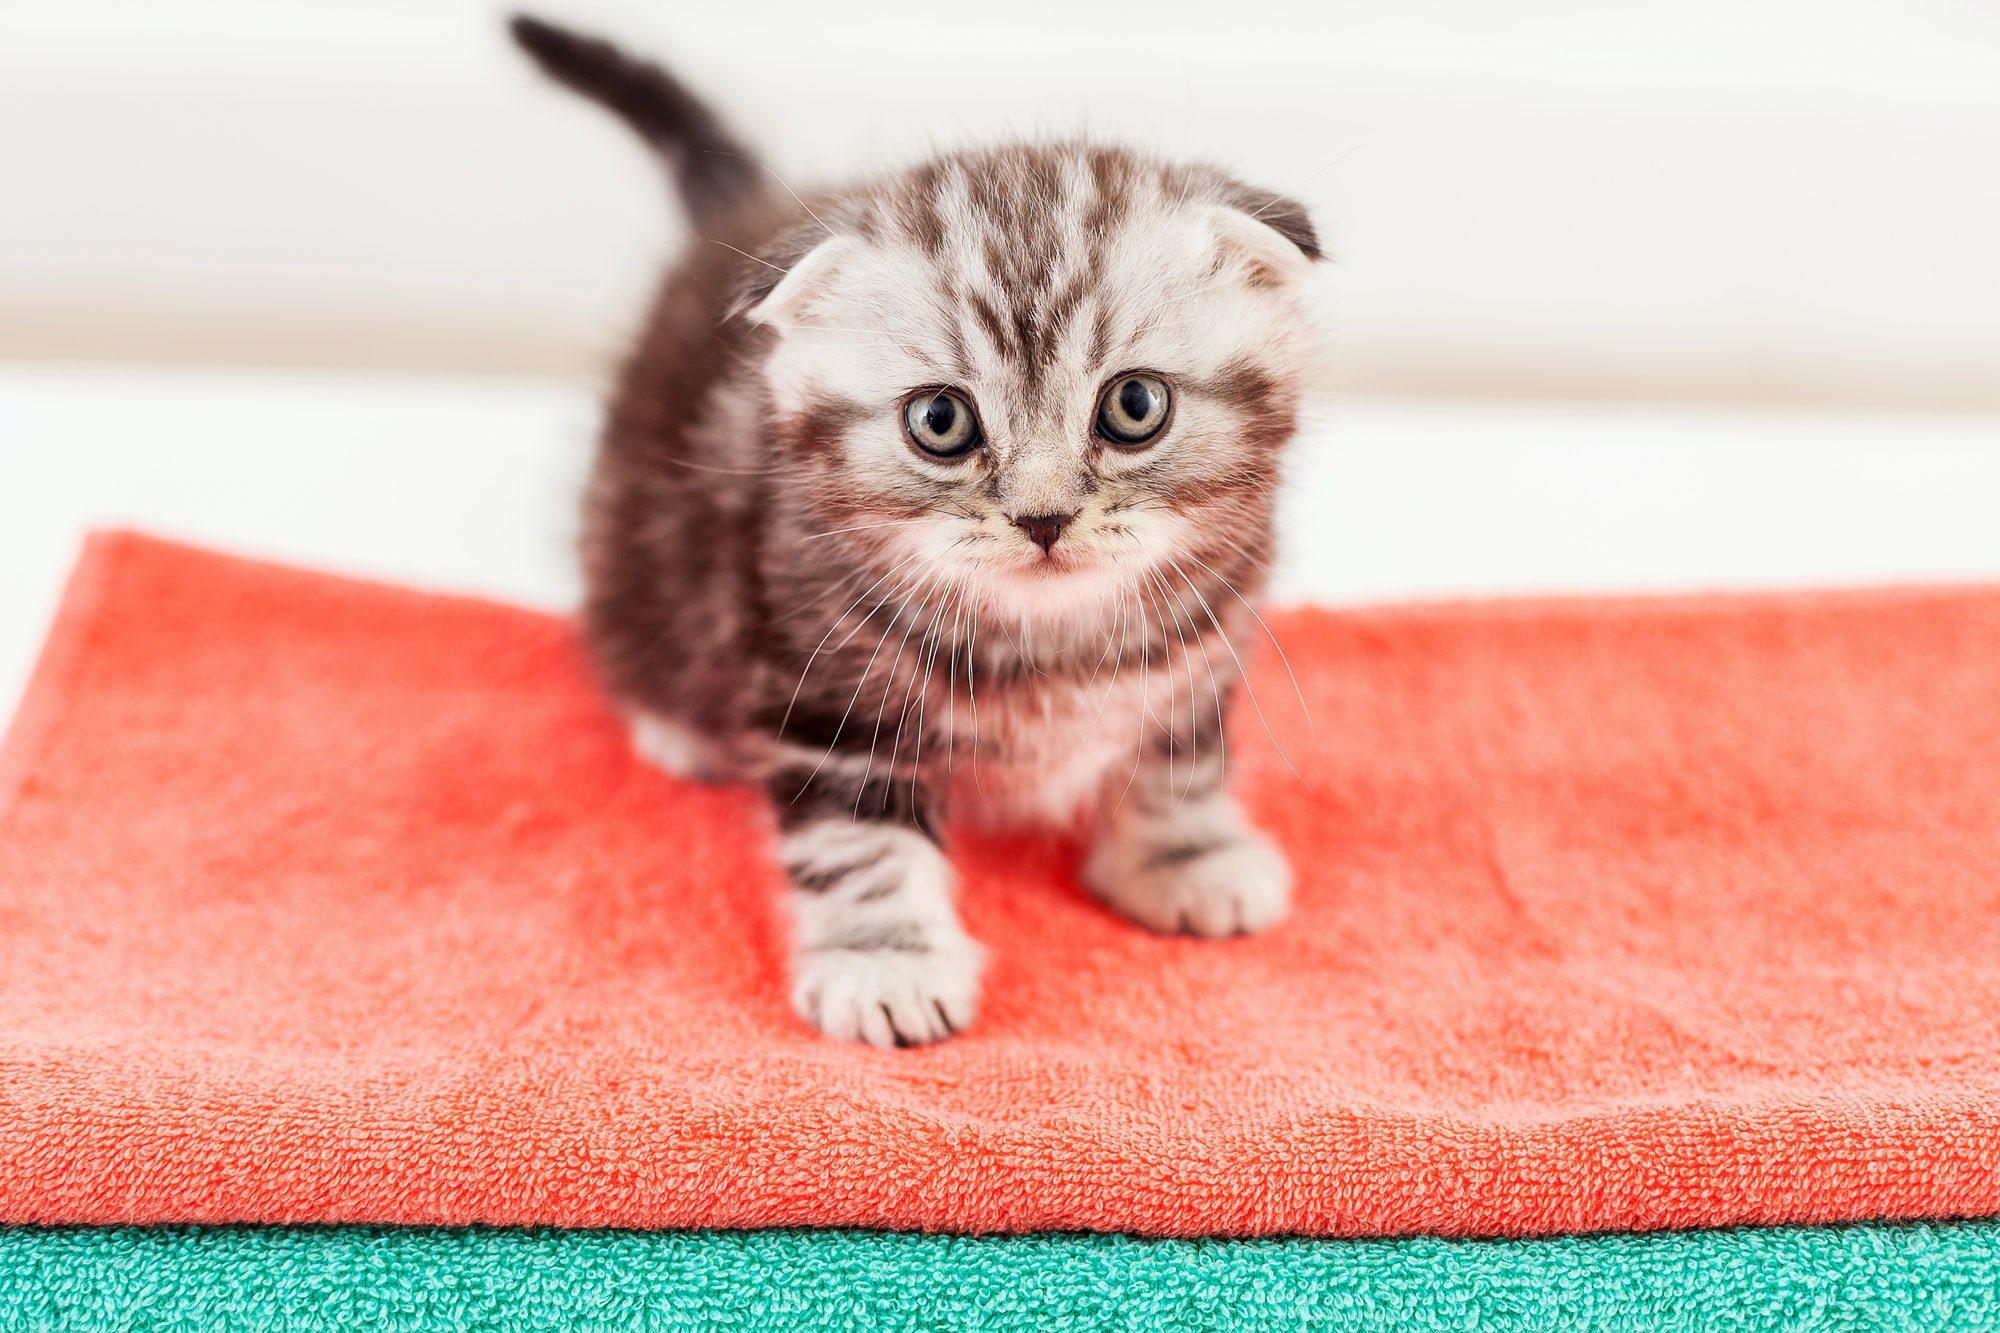 3 effective tips on litter training your kitten